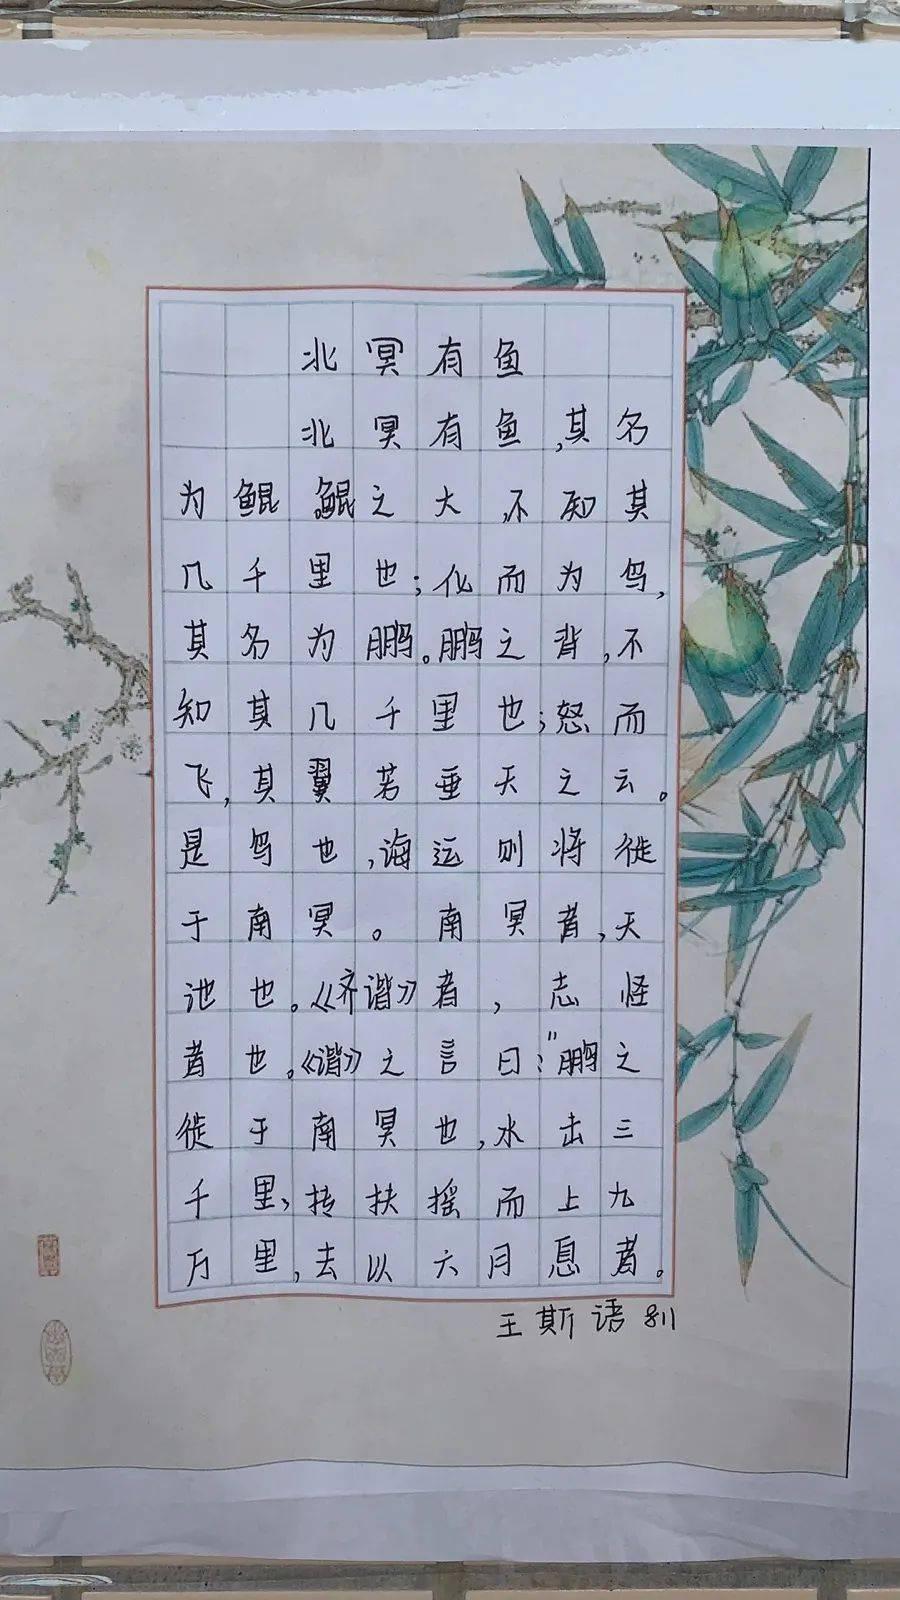 伦的漂亮写法 伦字个性写法